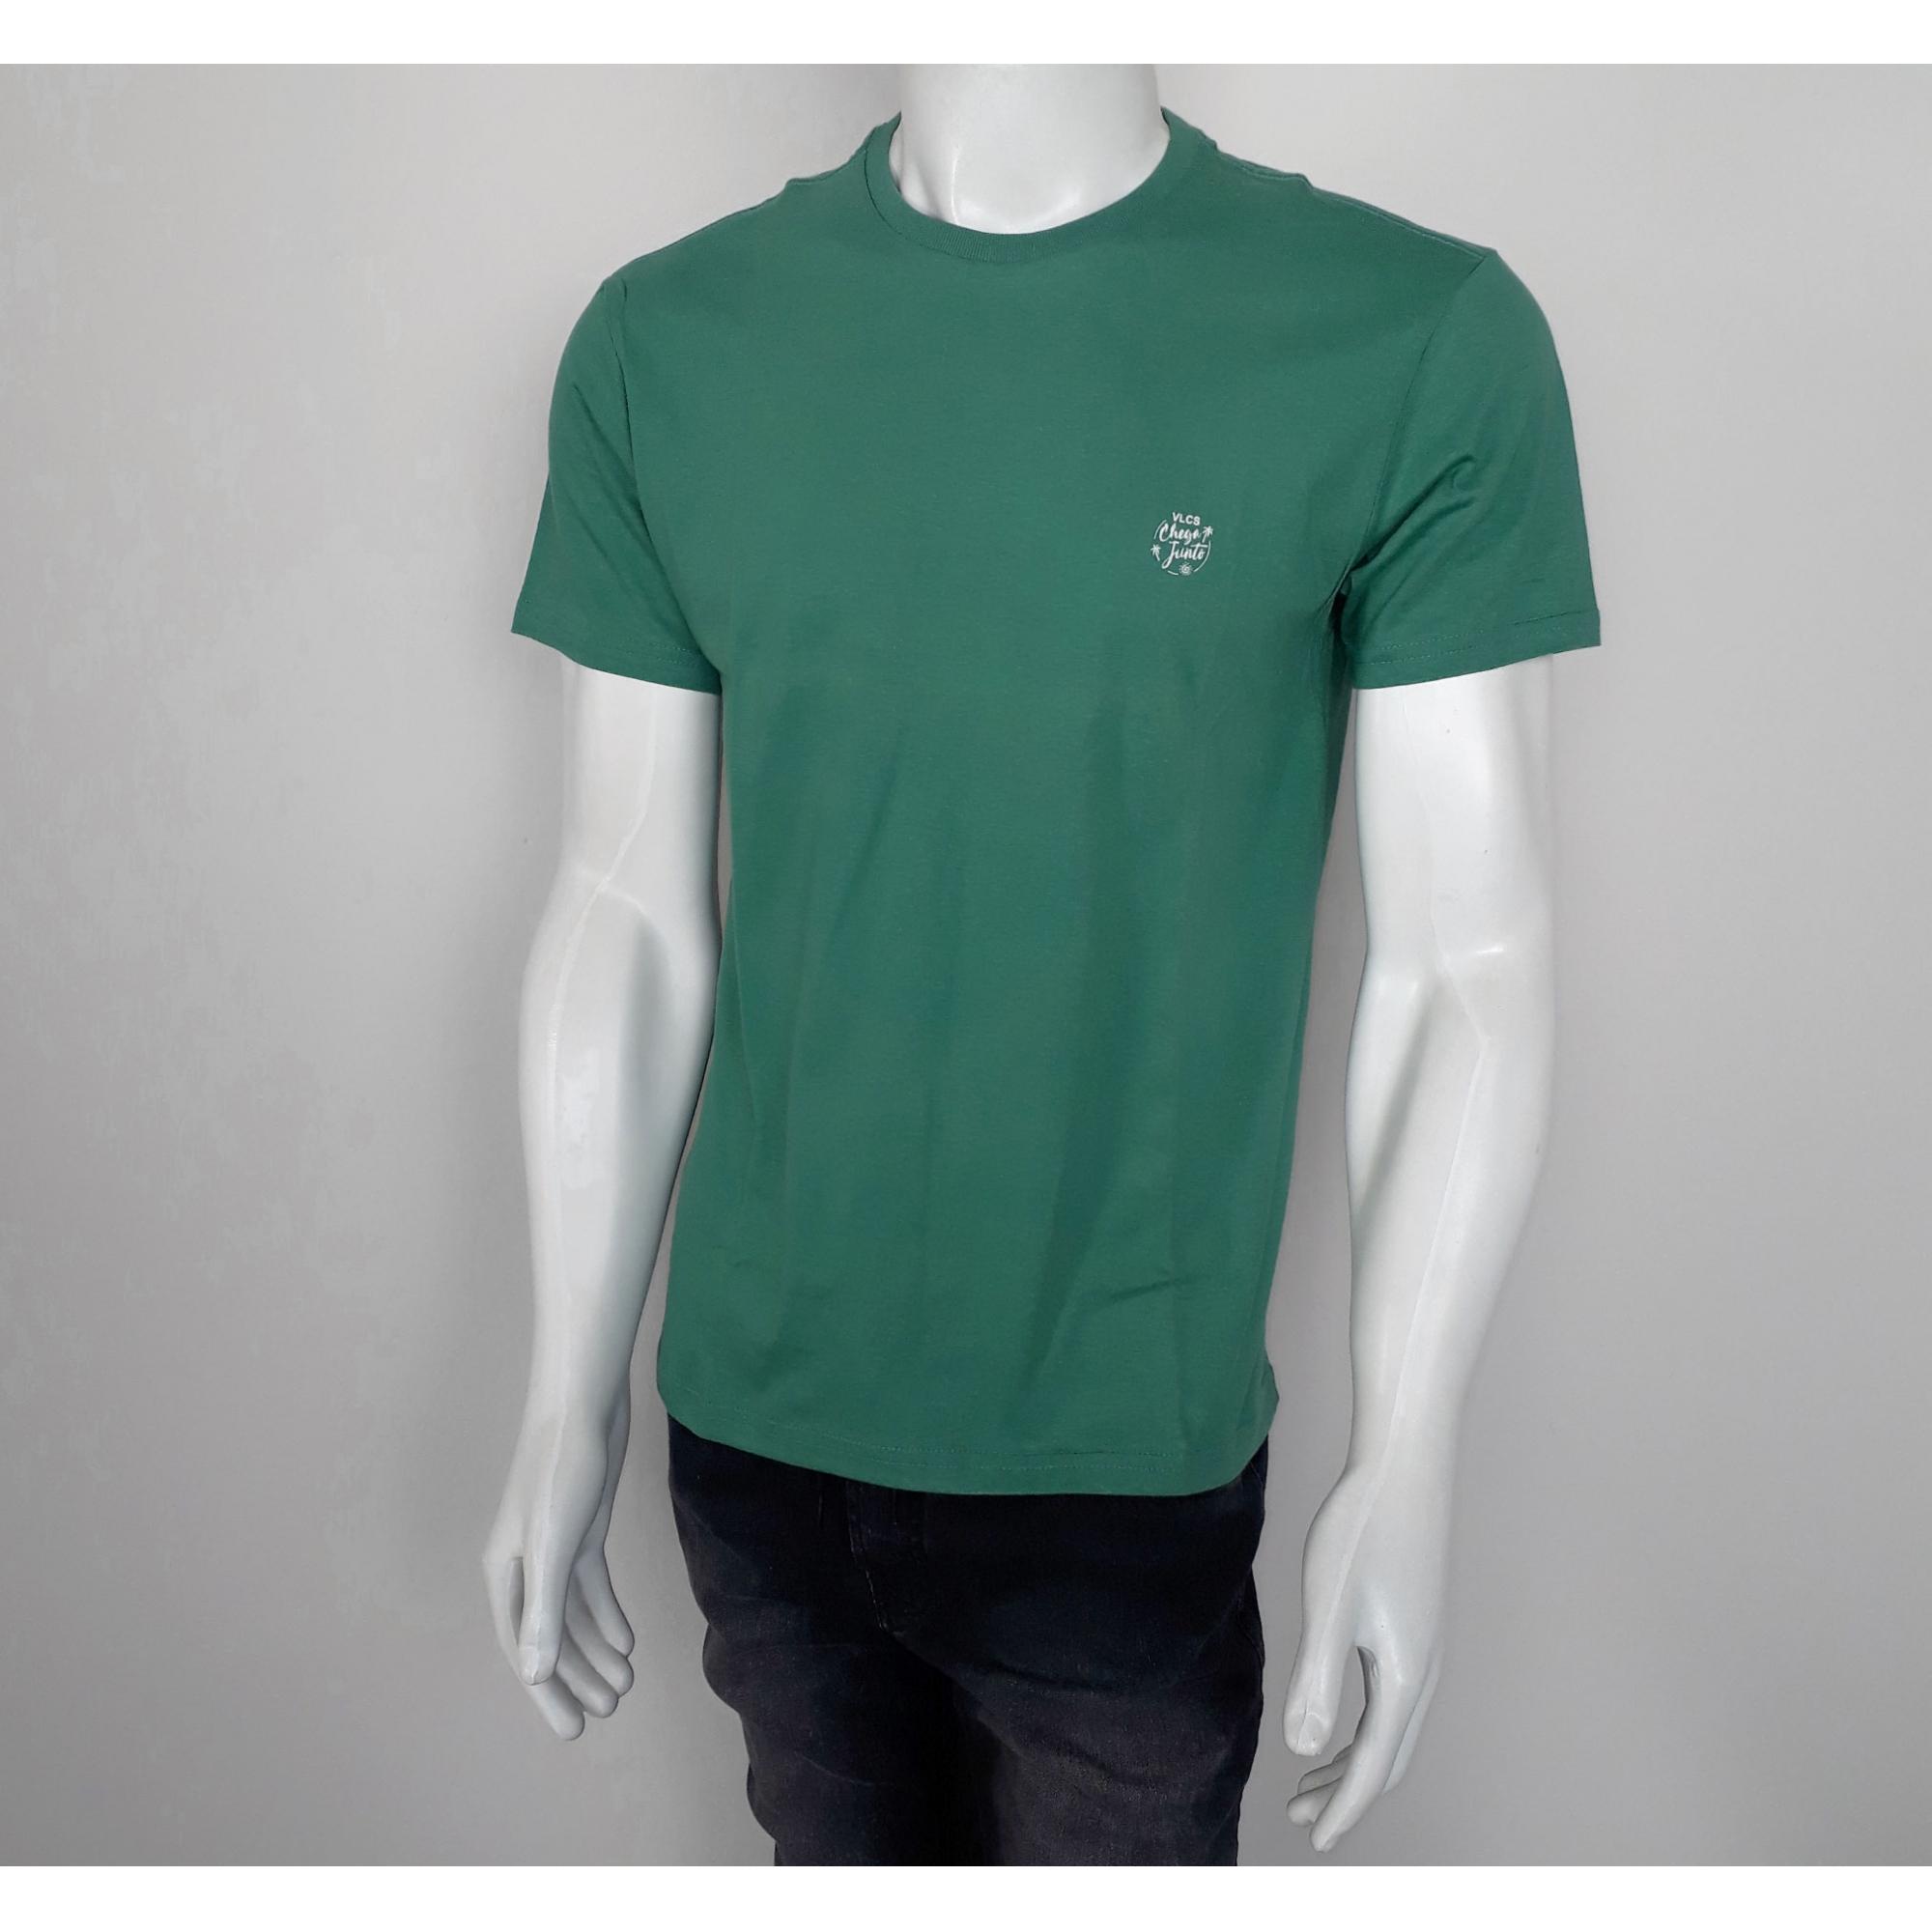 Camiseta VLCS Litoranea Verde - P e M